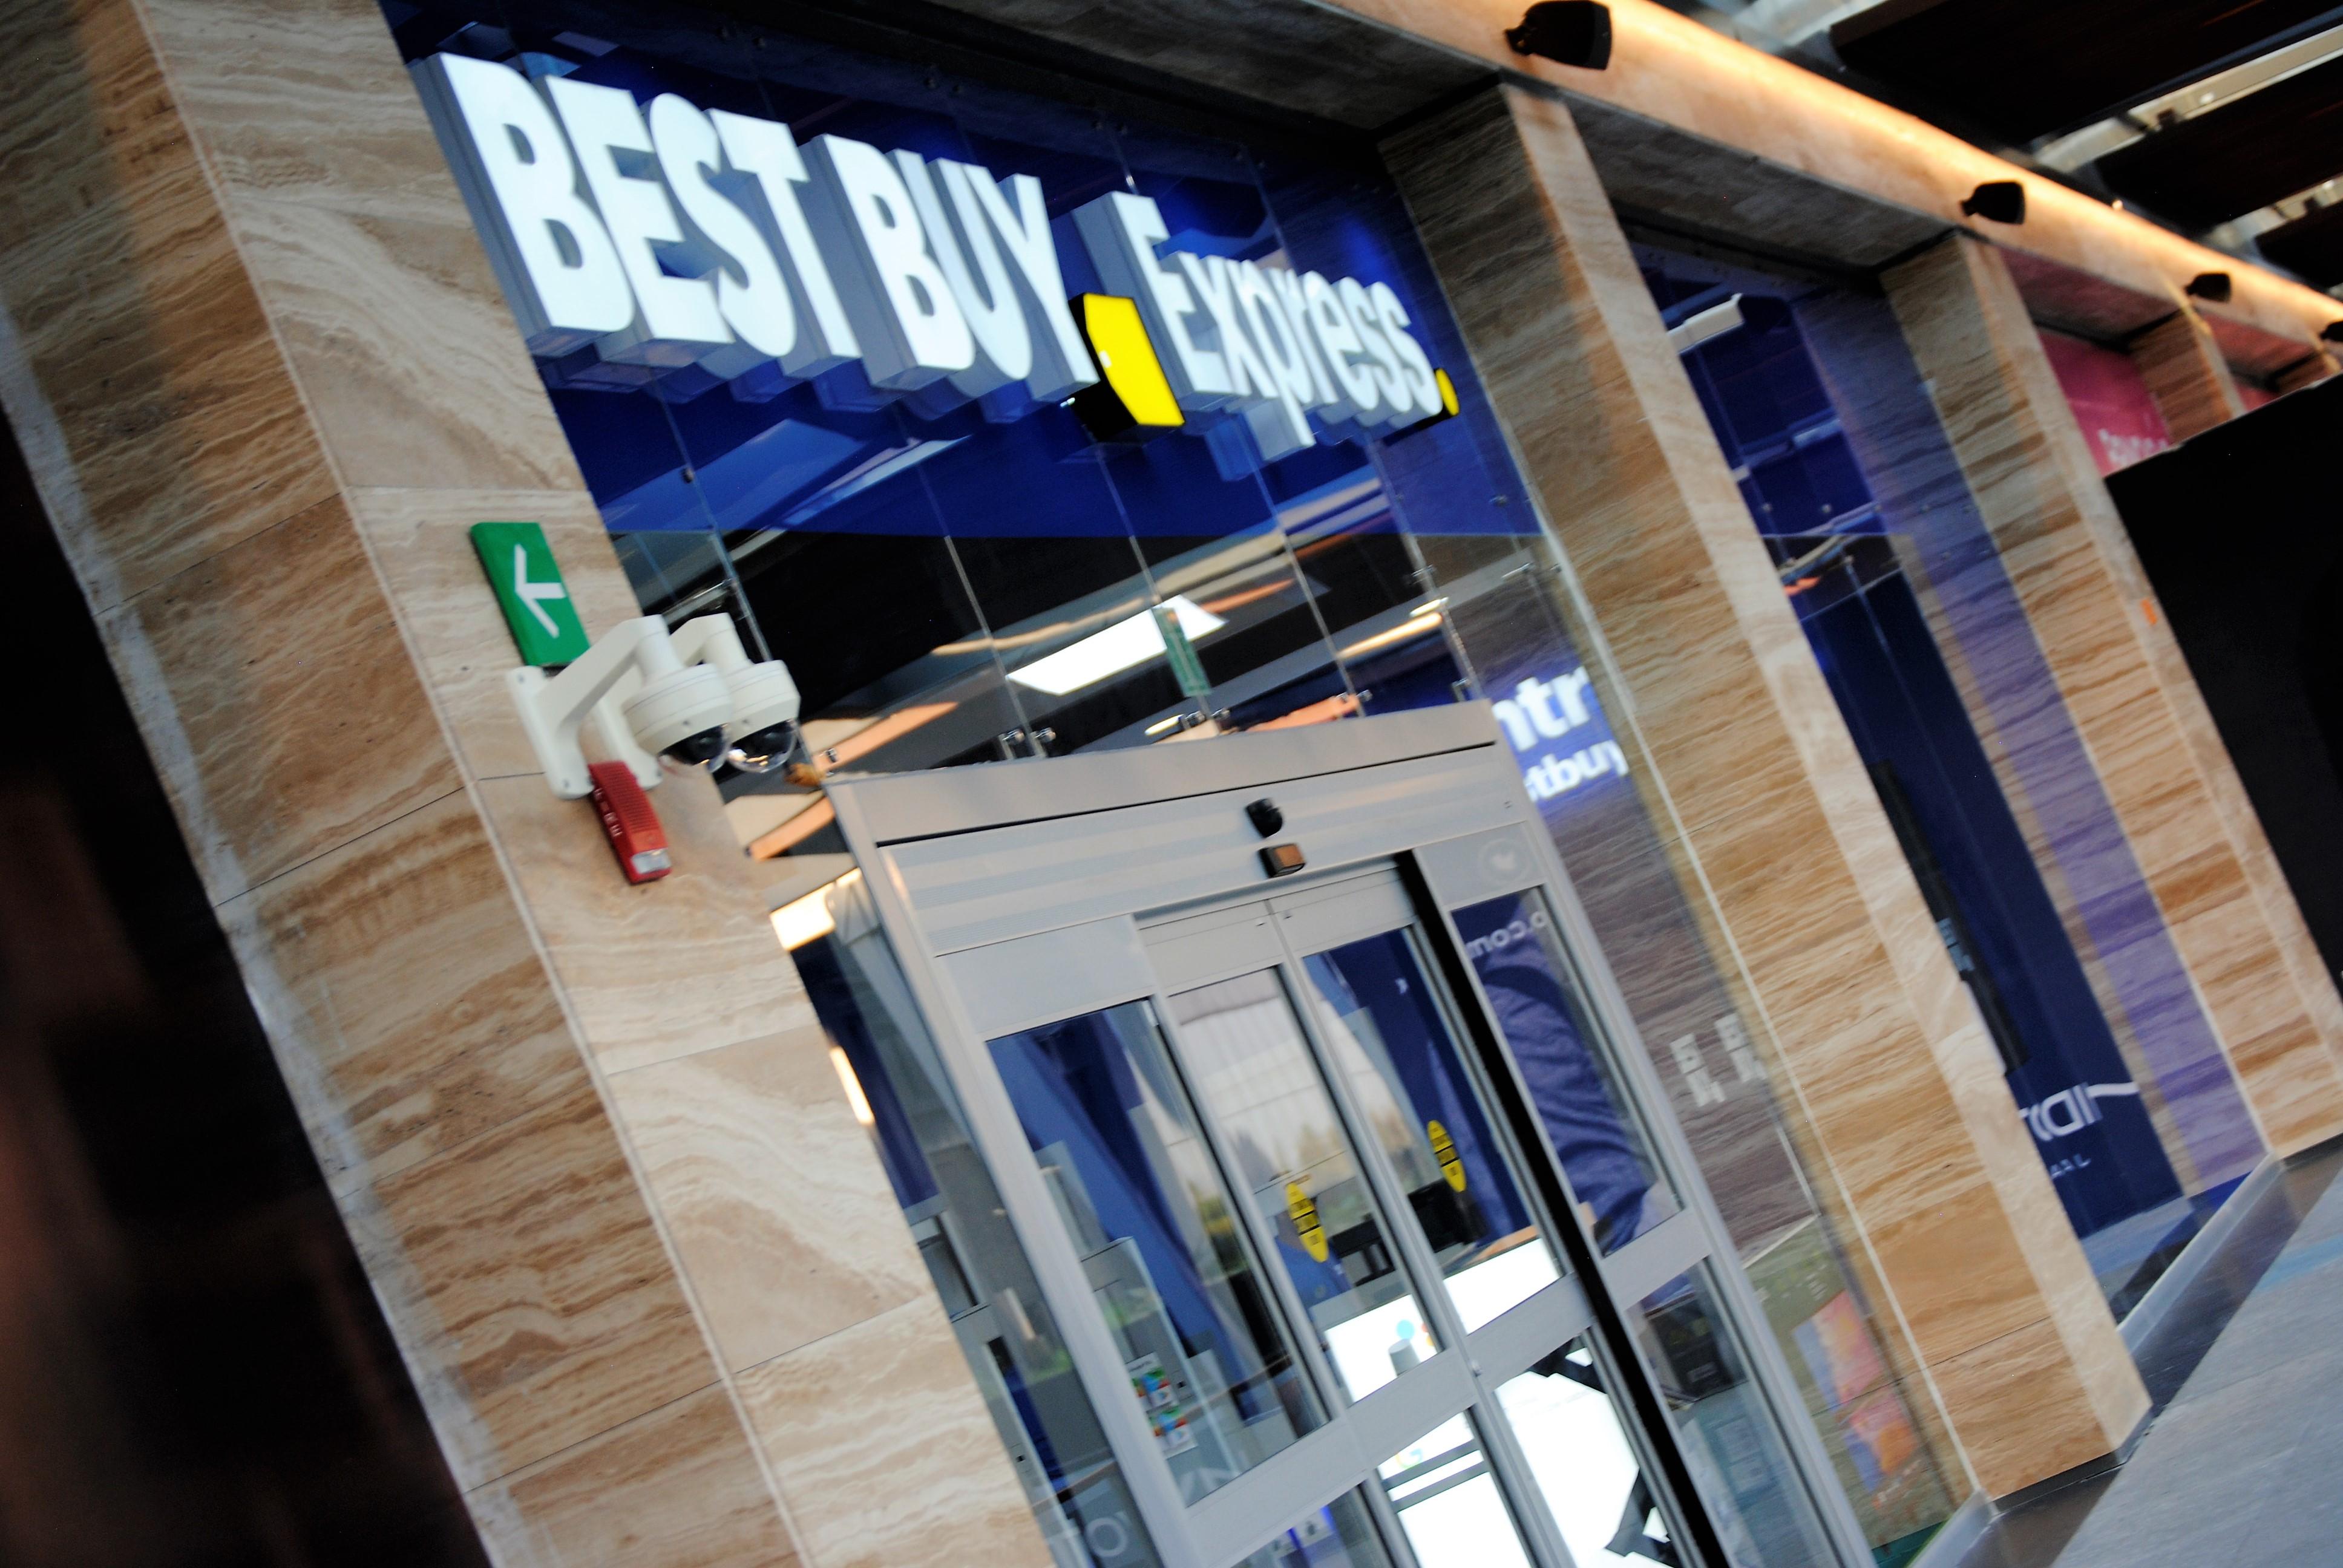 Abre sus puertas el primerBestBuy Express en Guadalajara